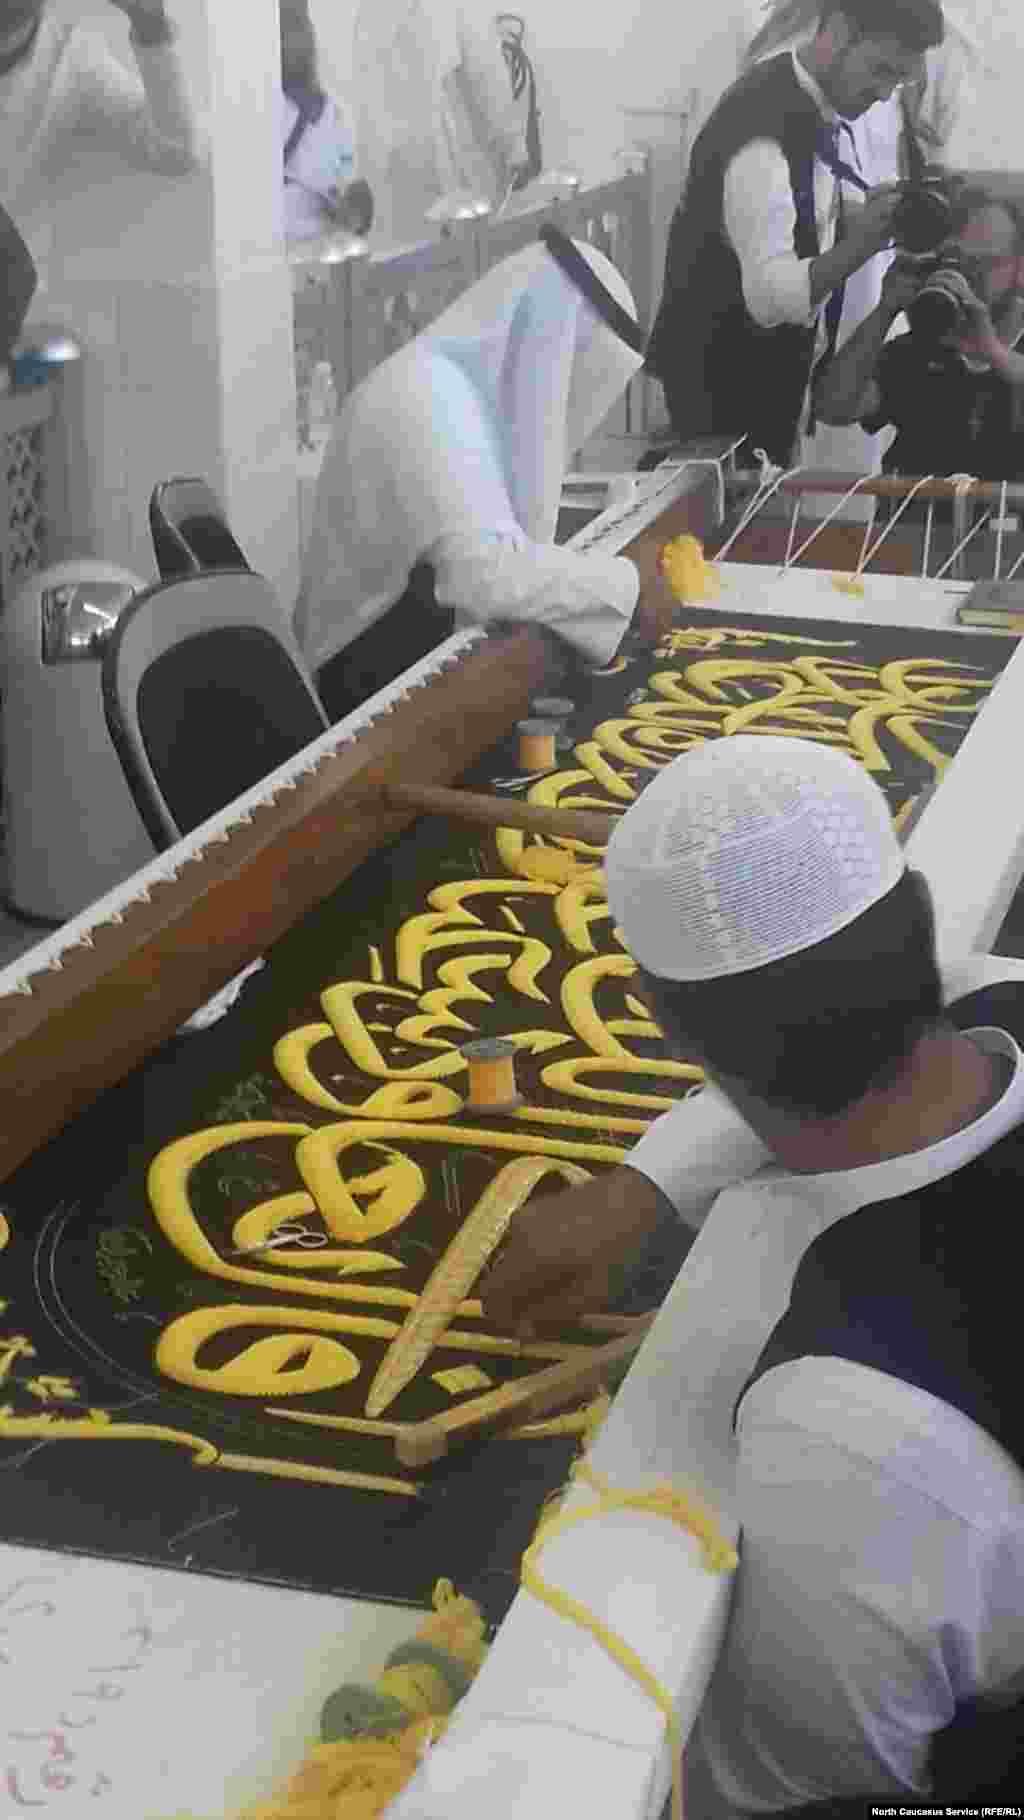 Обновлением убранства Каабы занимается небольшая фабрика в пригороде Мекки